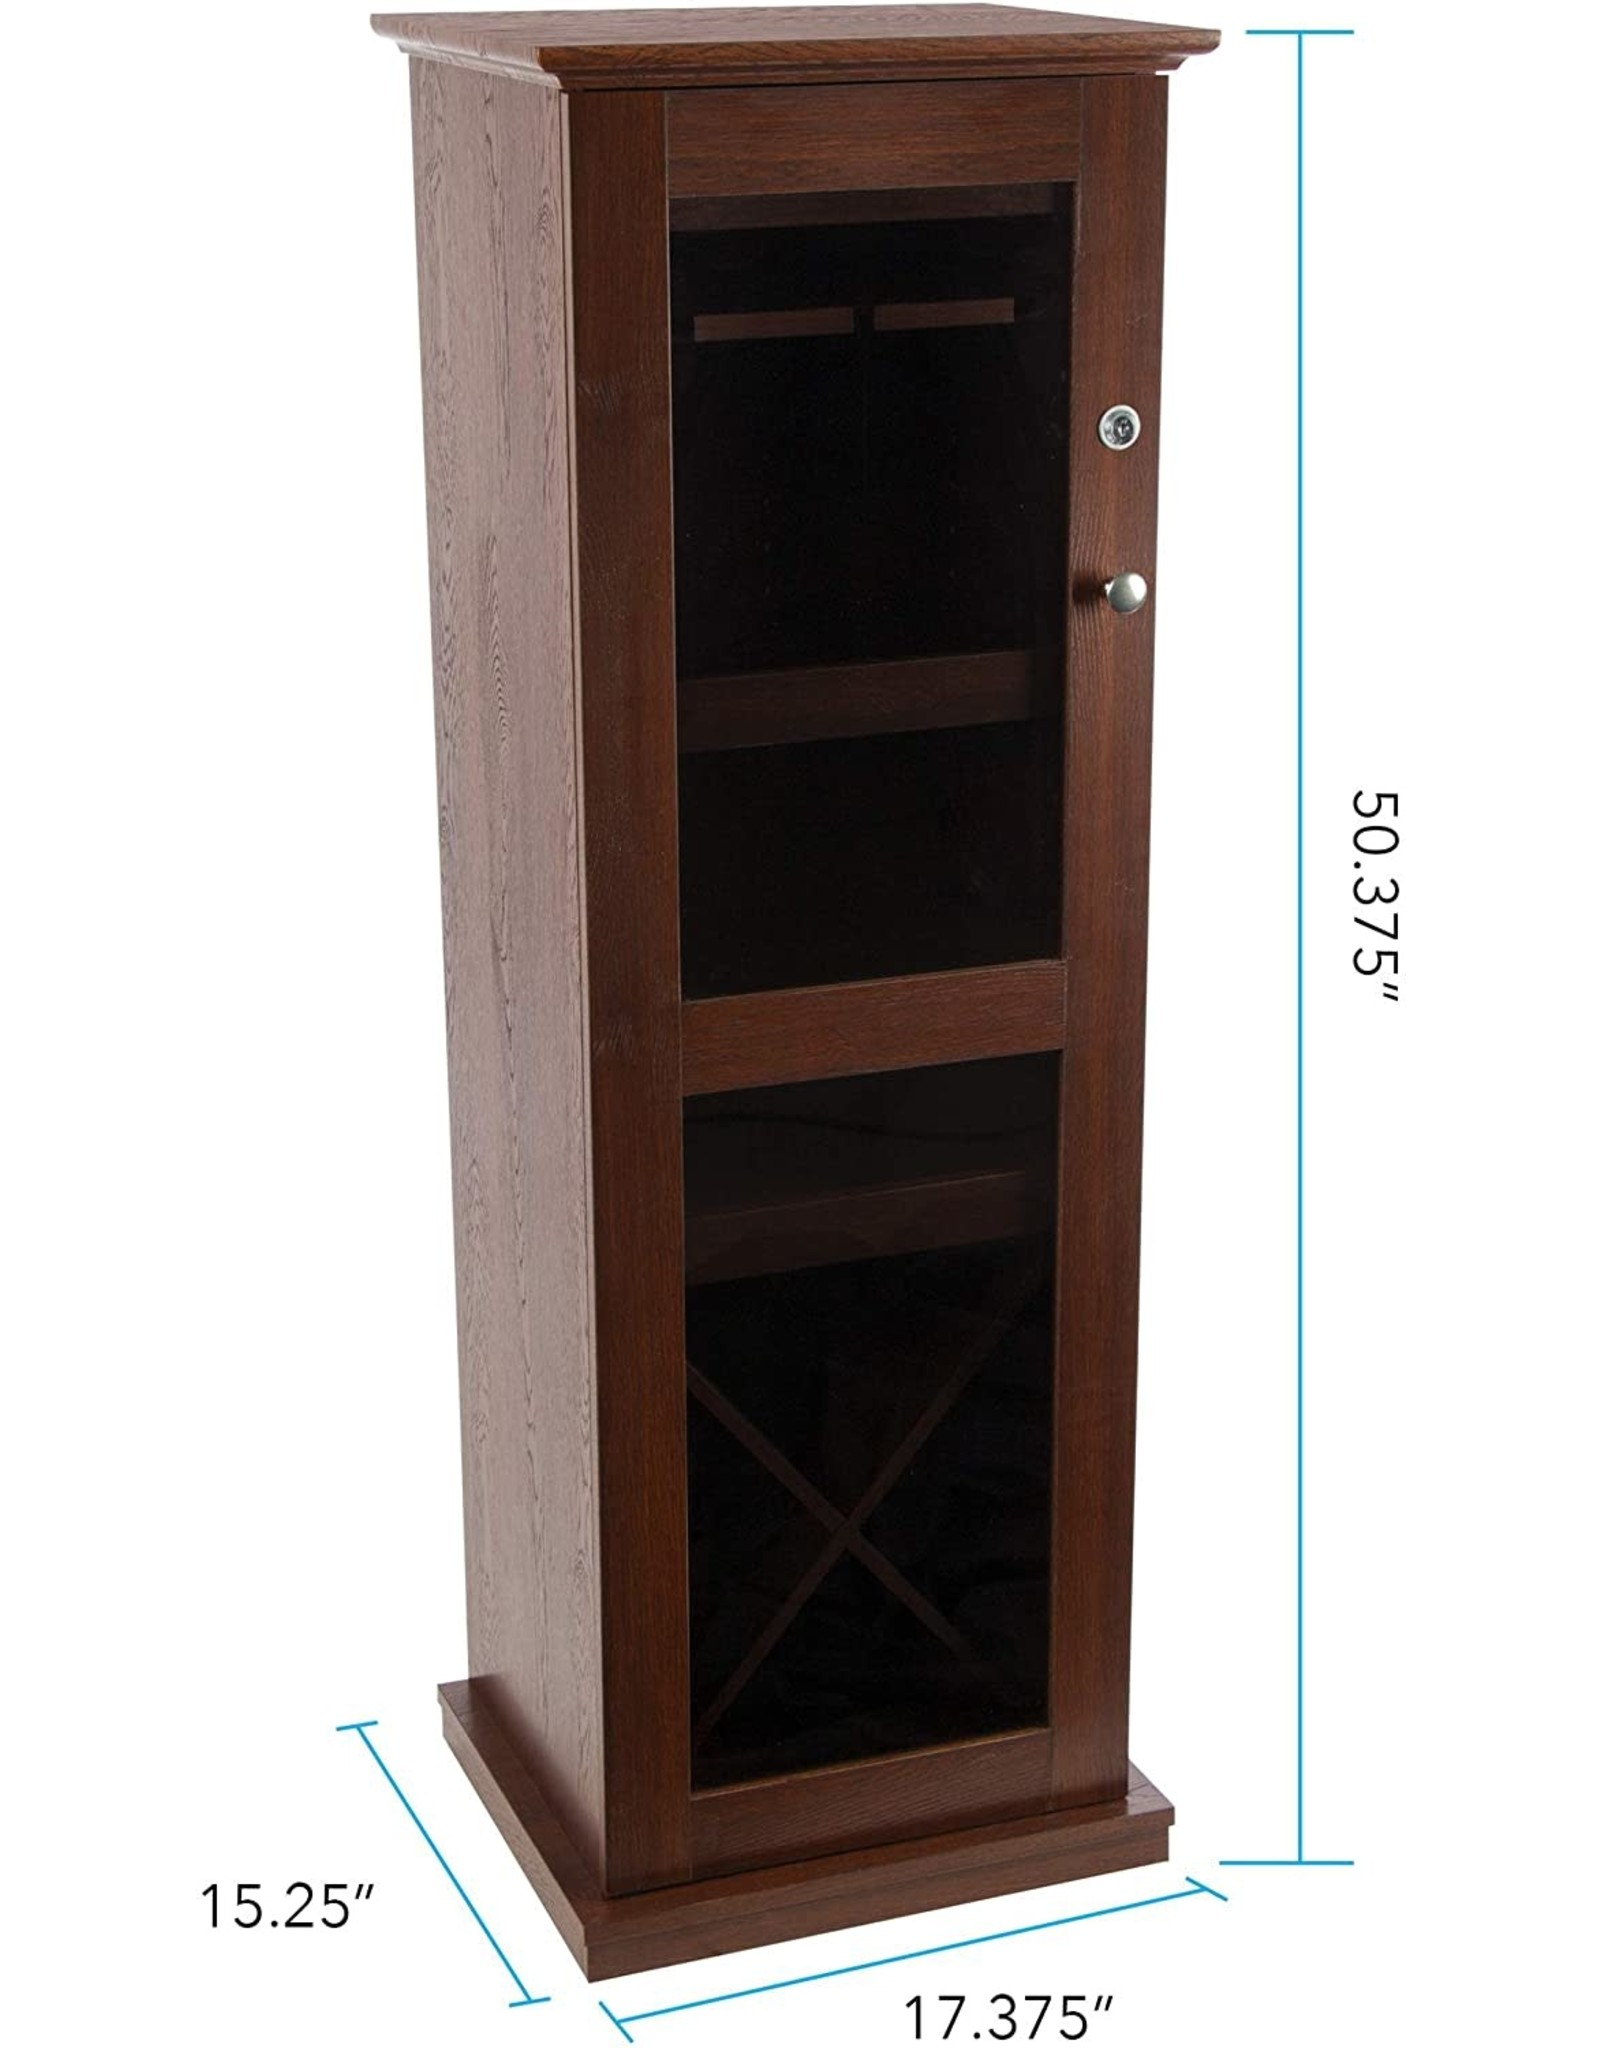 Atlantic Atlantic Herrin Locking Bar Cabinet - Store 16 Wine Bottles, Liquor Shelf, 9 Wine Glasses and More PN38408116 in Textured Chestnut